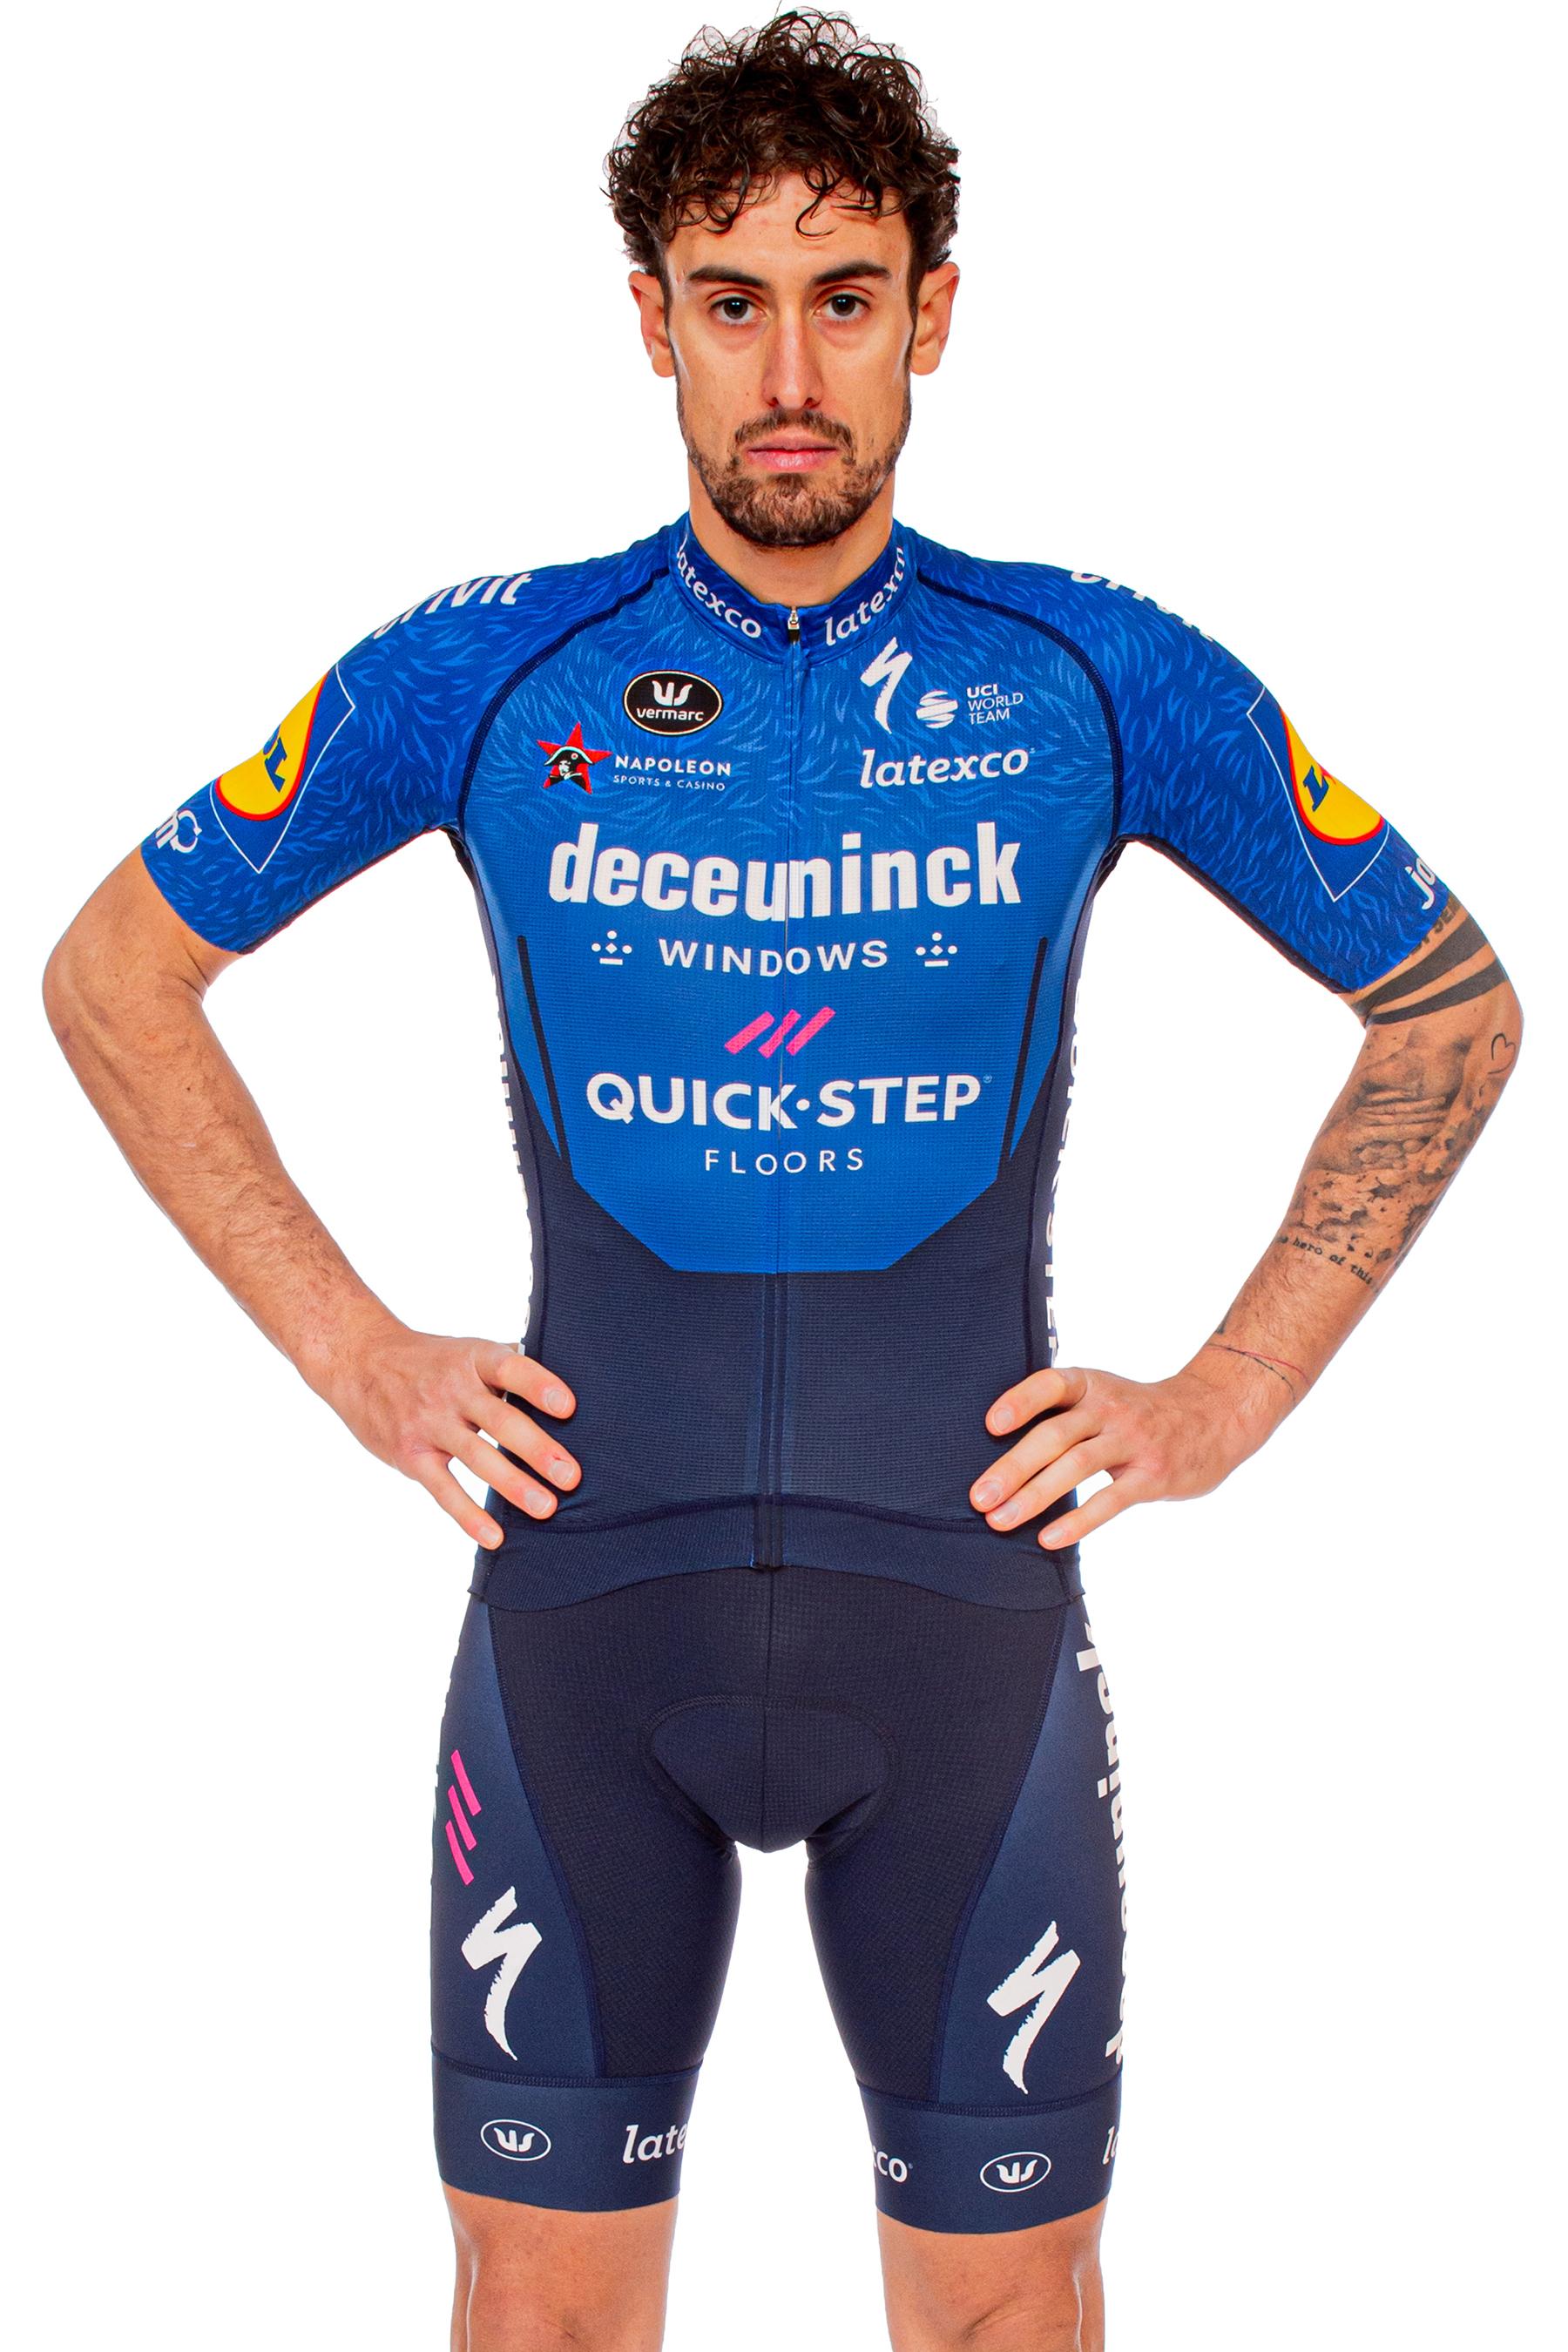 Mattia Cattaneo Deceuninck 2021